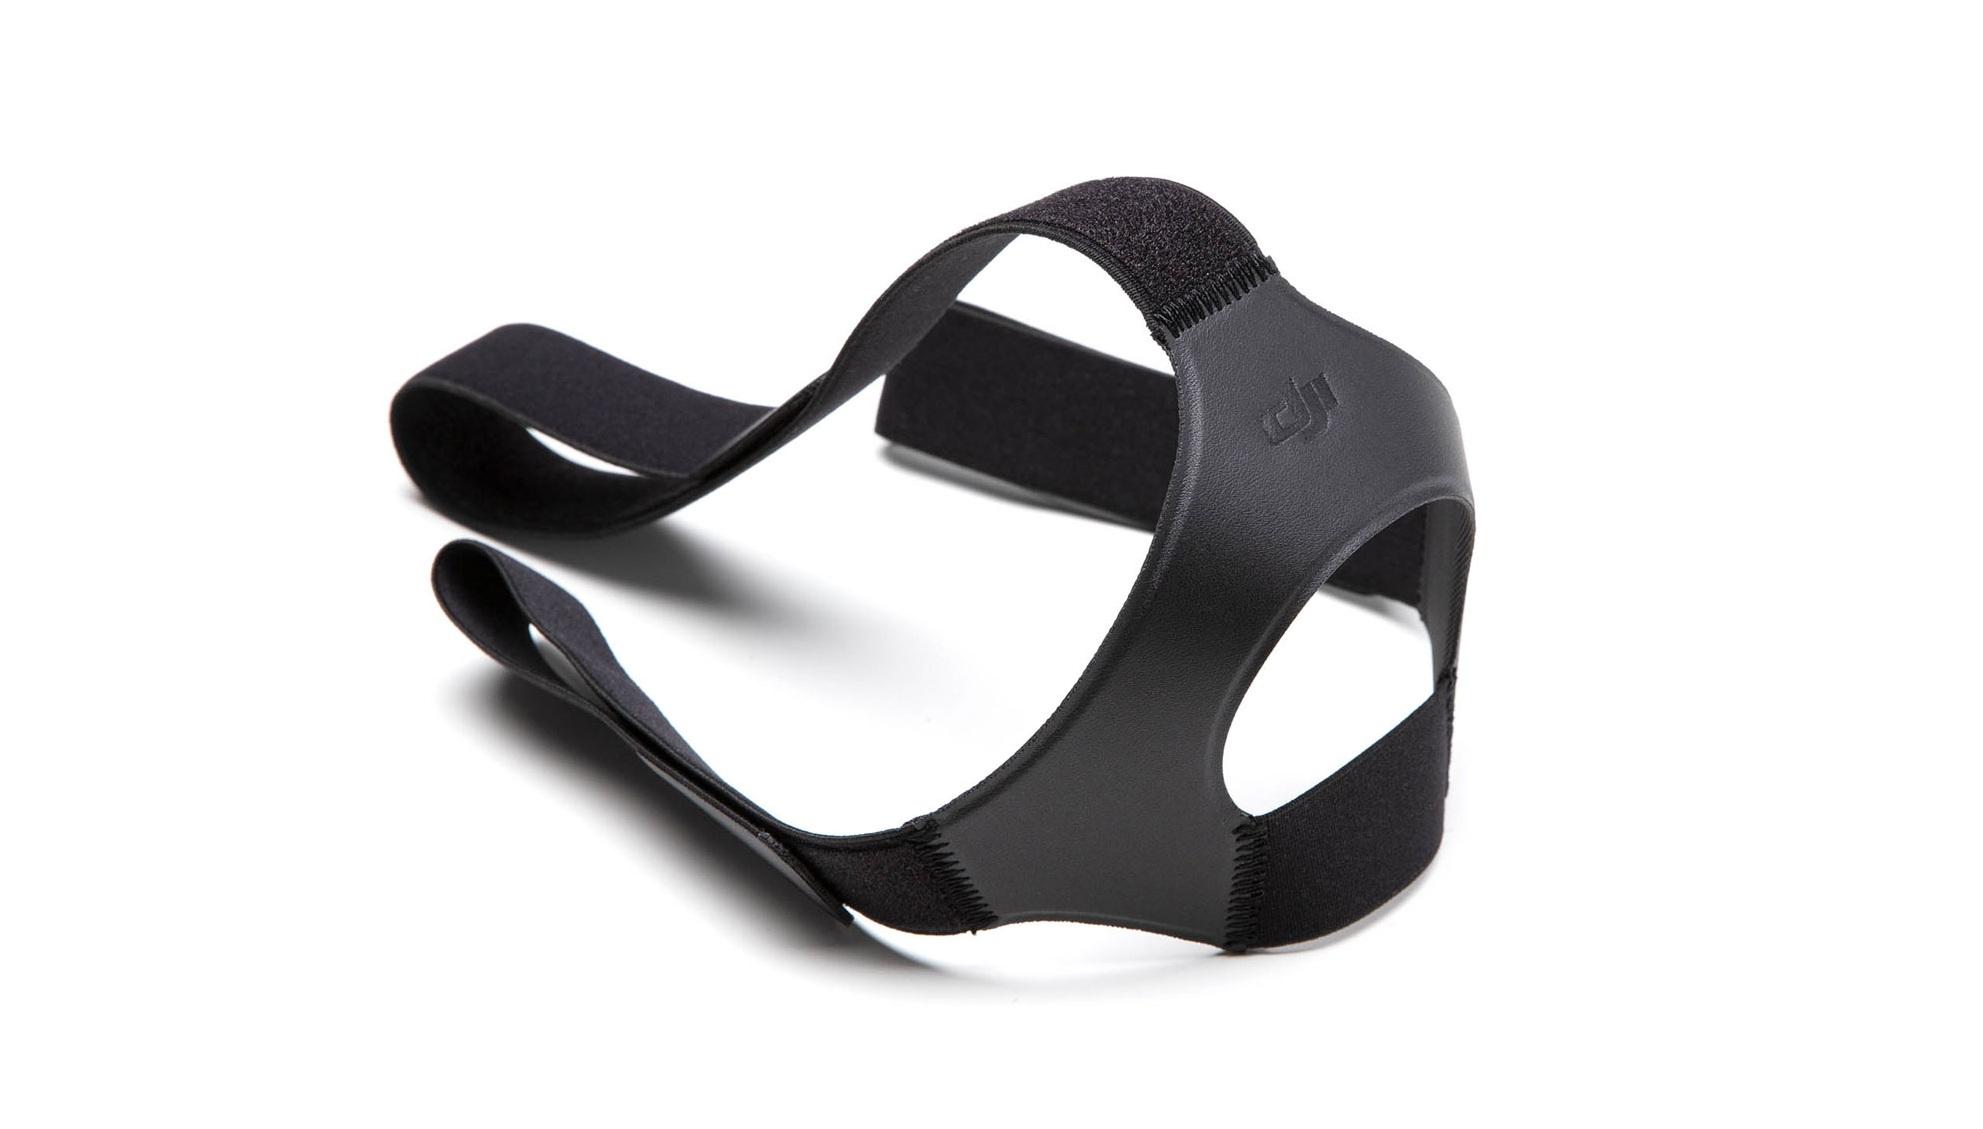 DJI FPV Goggles Headband điều chỉnh tương ứng với kích thước đầu